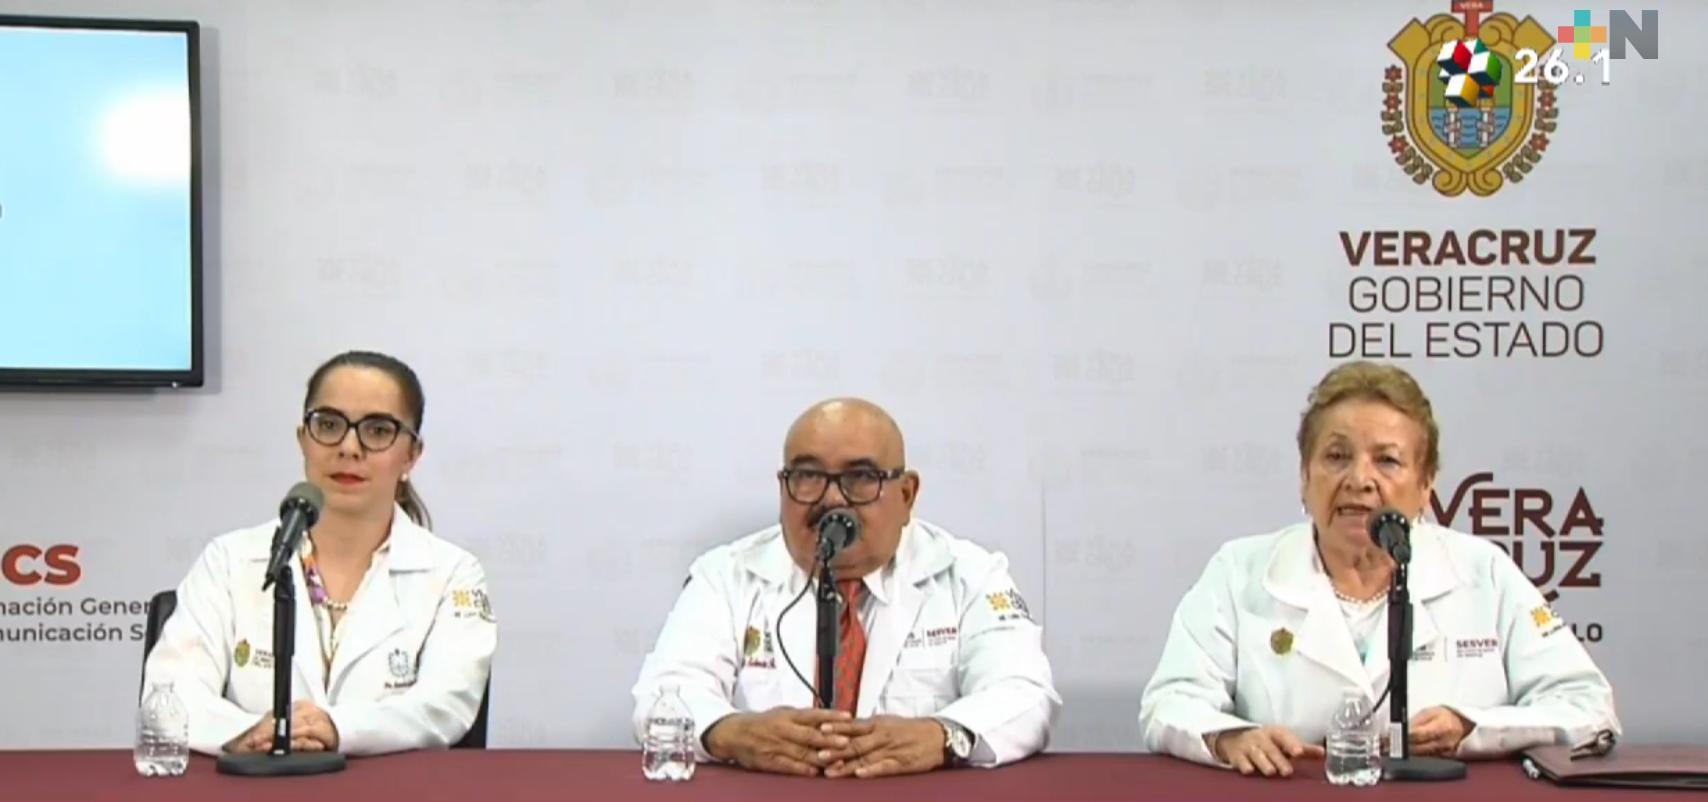 Dos nuevos casos de COVID-19 en Veracruz; suman 4